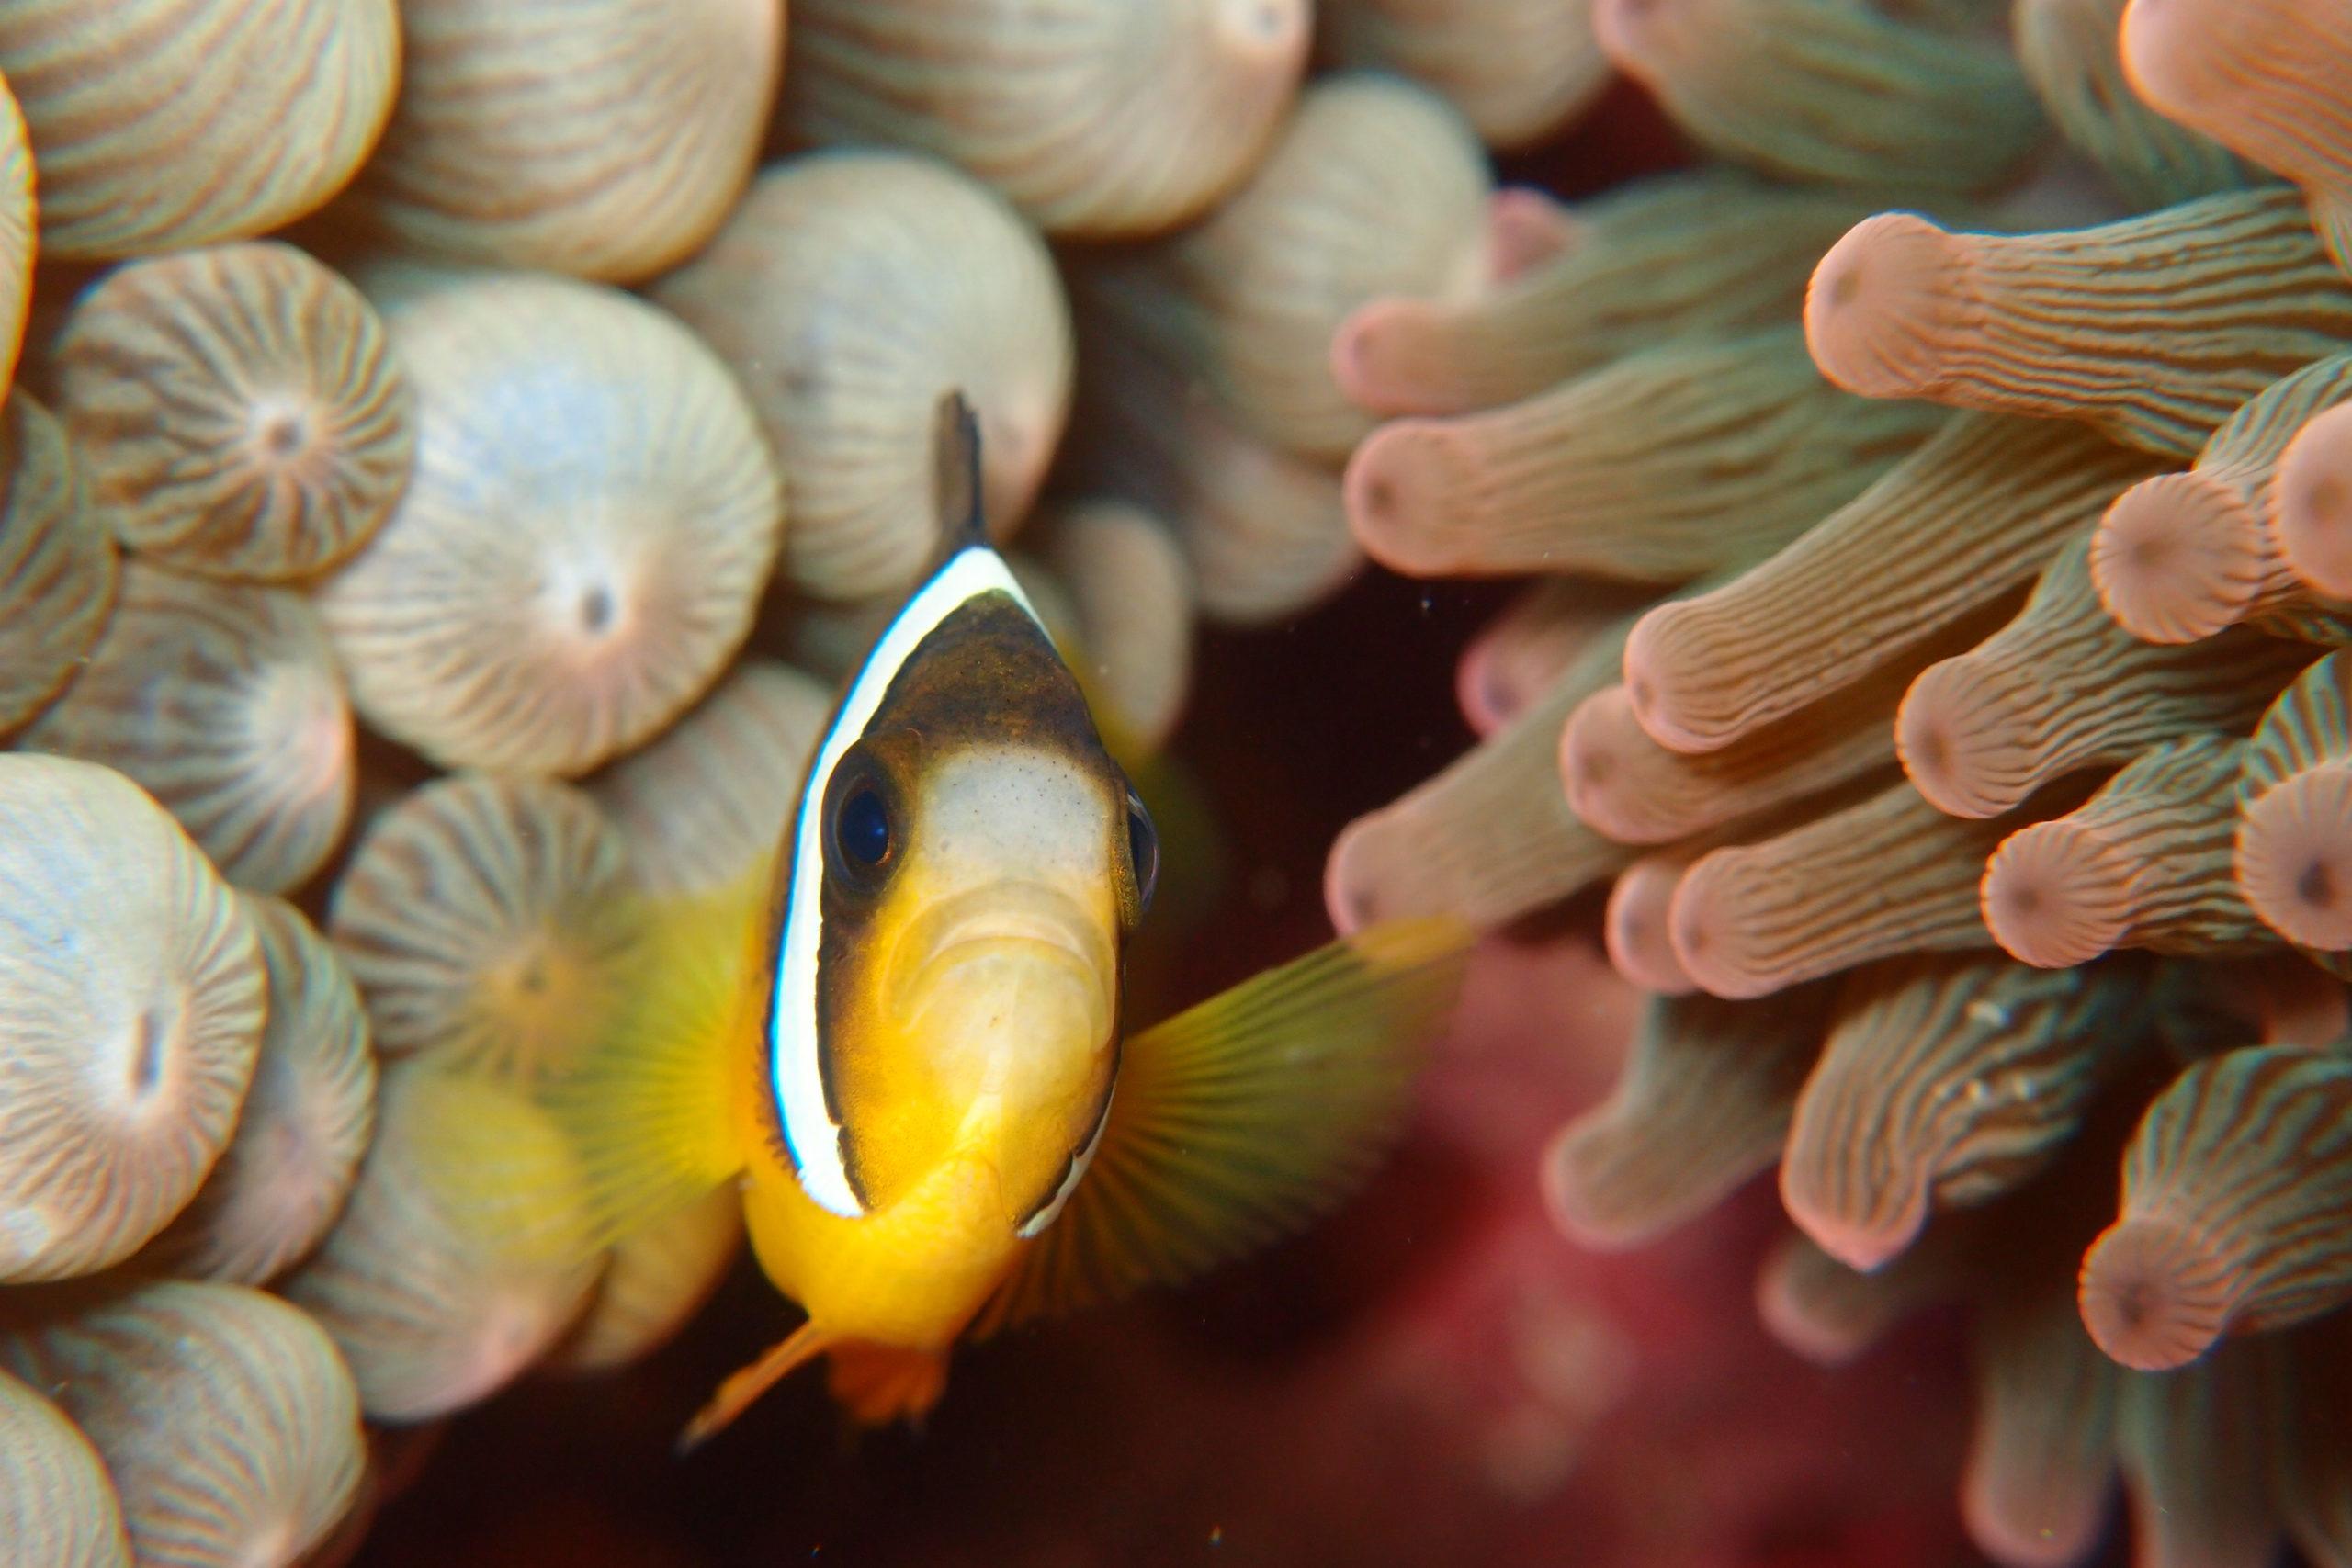 イソギンチャク と 共生 する 魚